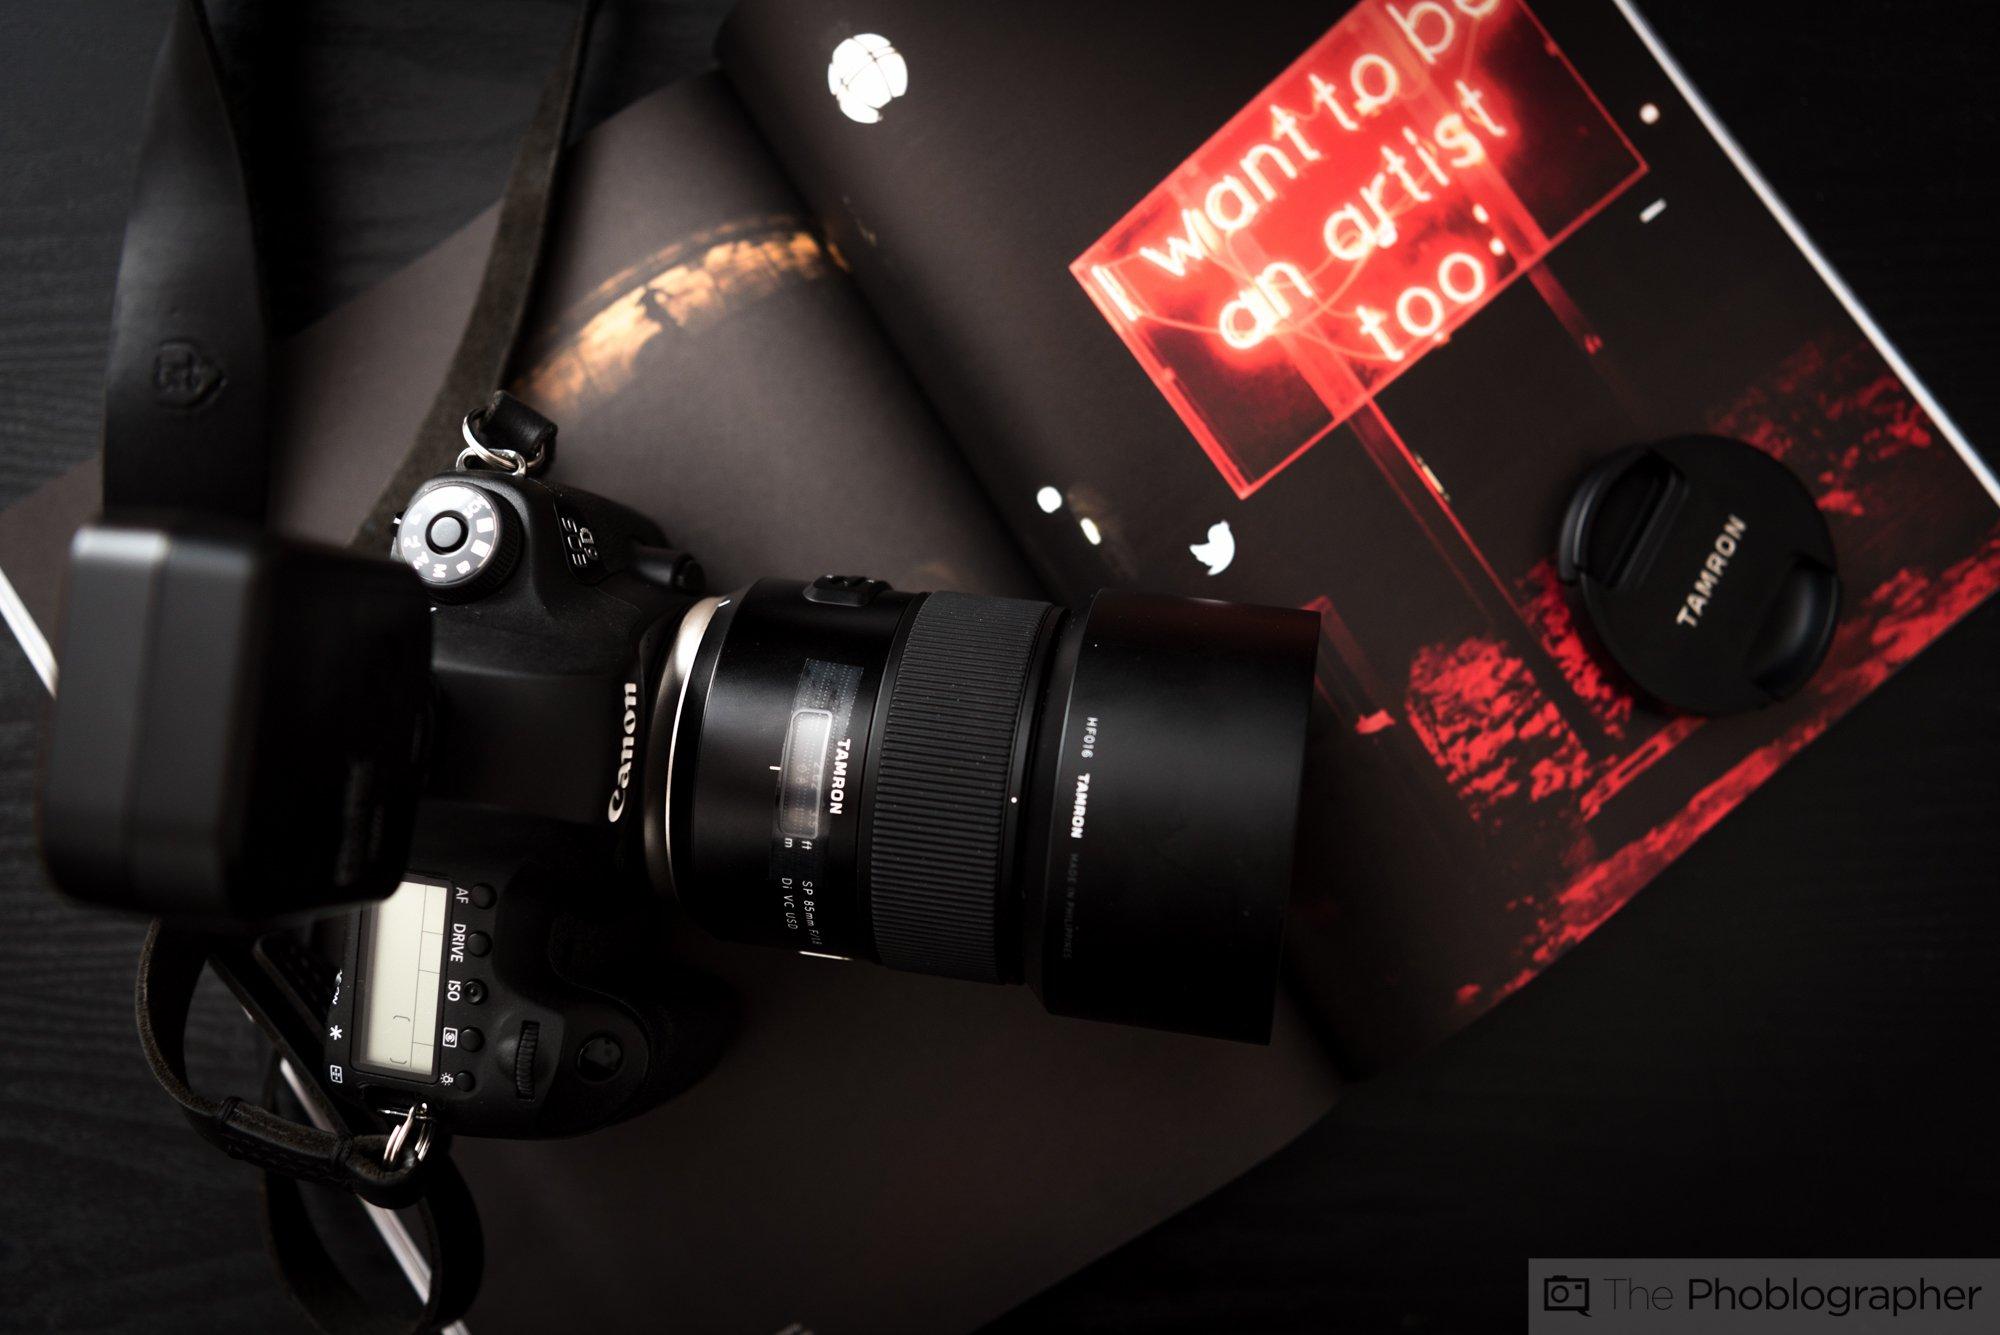 Review: Tamron 85mm f1.8 Di VC USD (Canon EF)